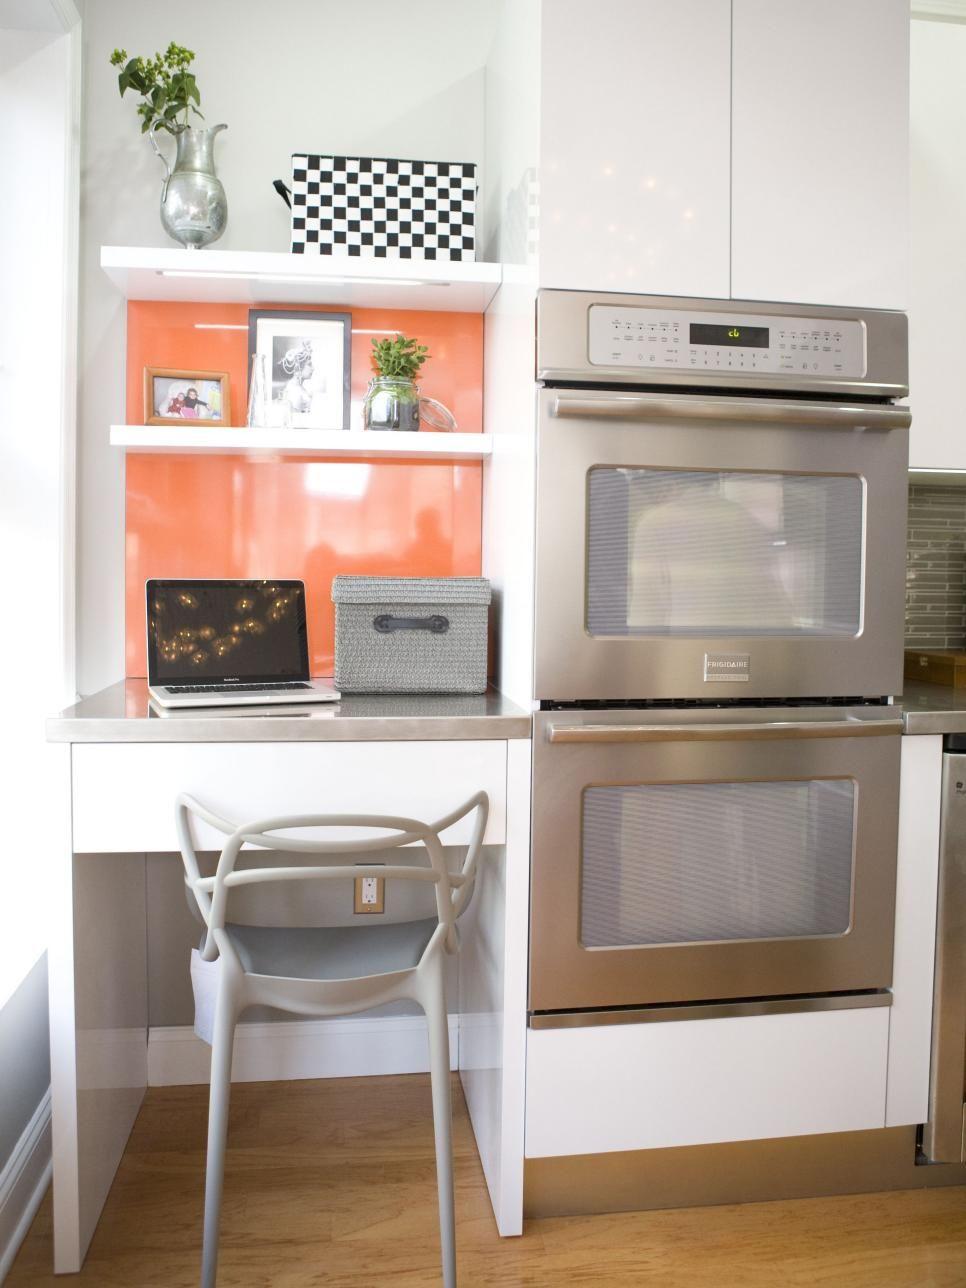 Dazzling kitchen transformations from kitchen cousins orange